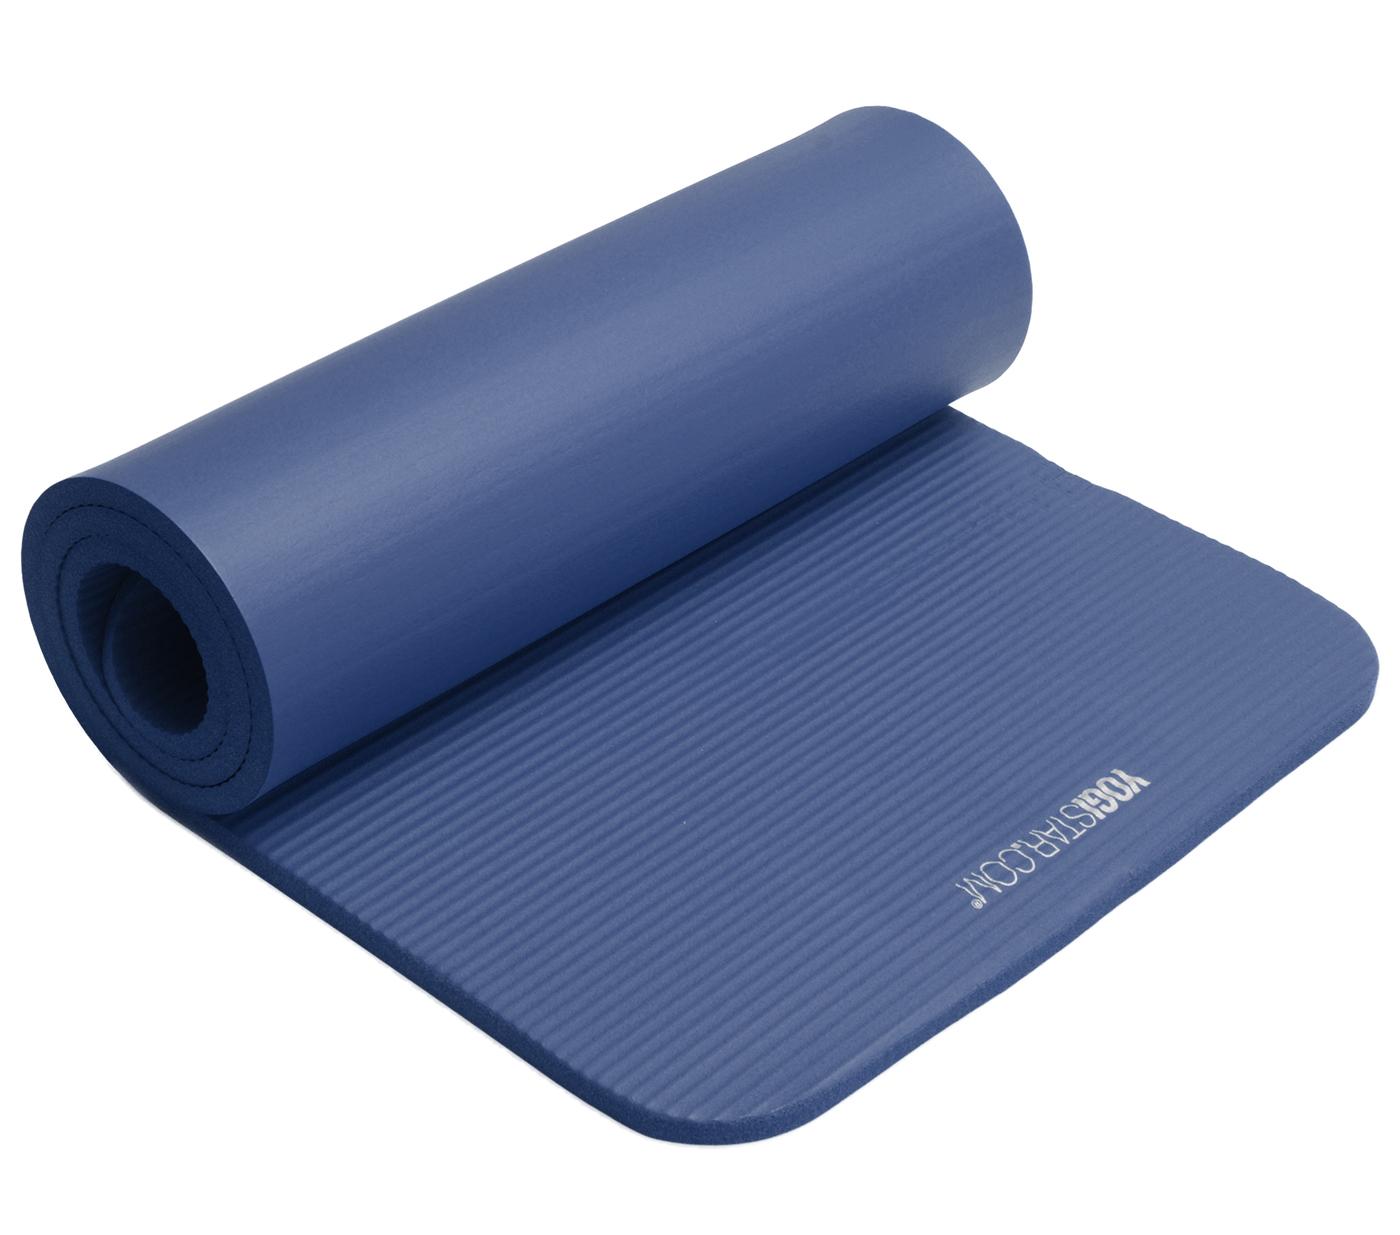 2. Wahl Fitnessmatte gym 15 mm - blue